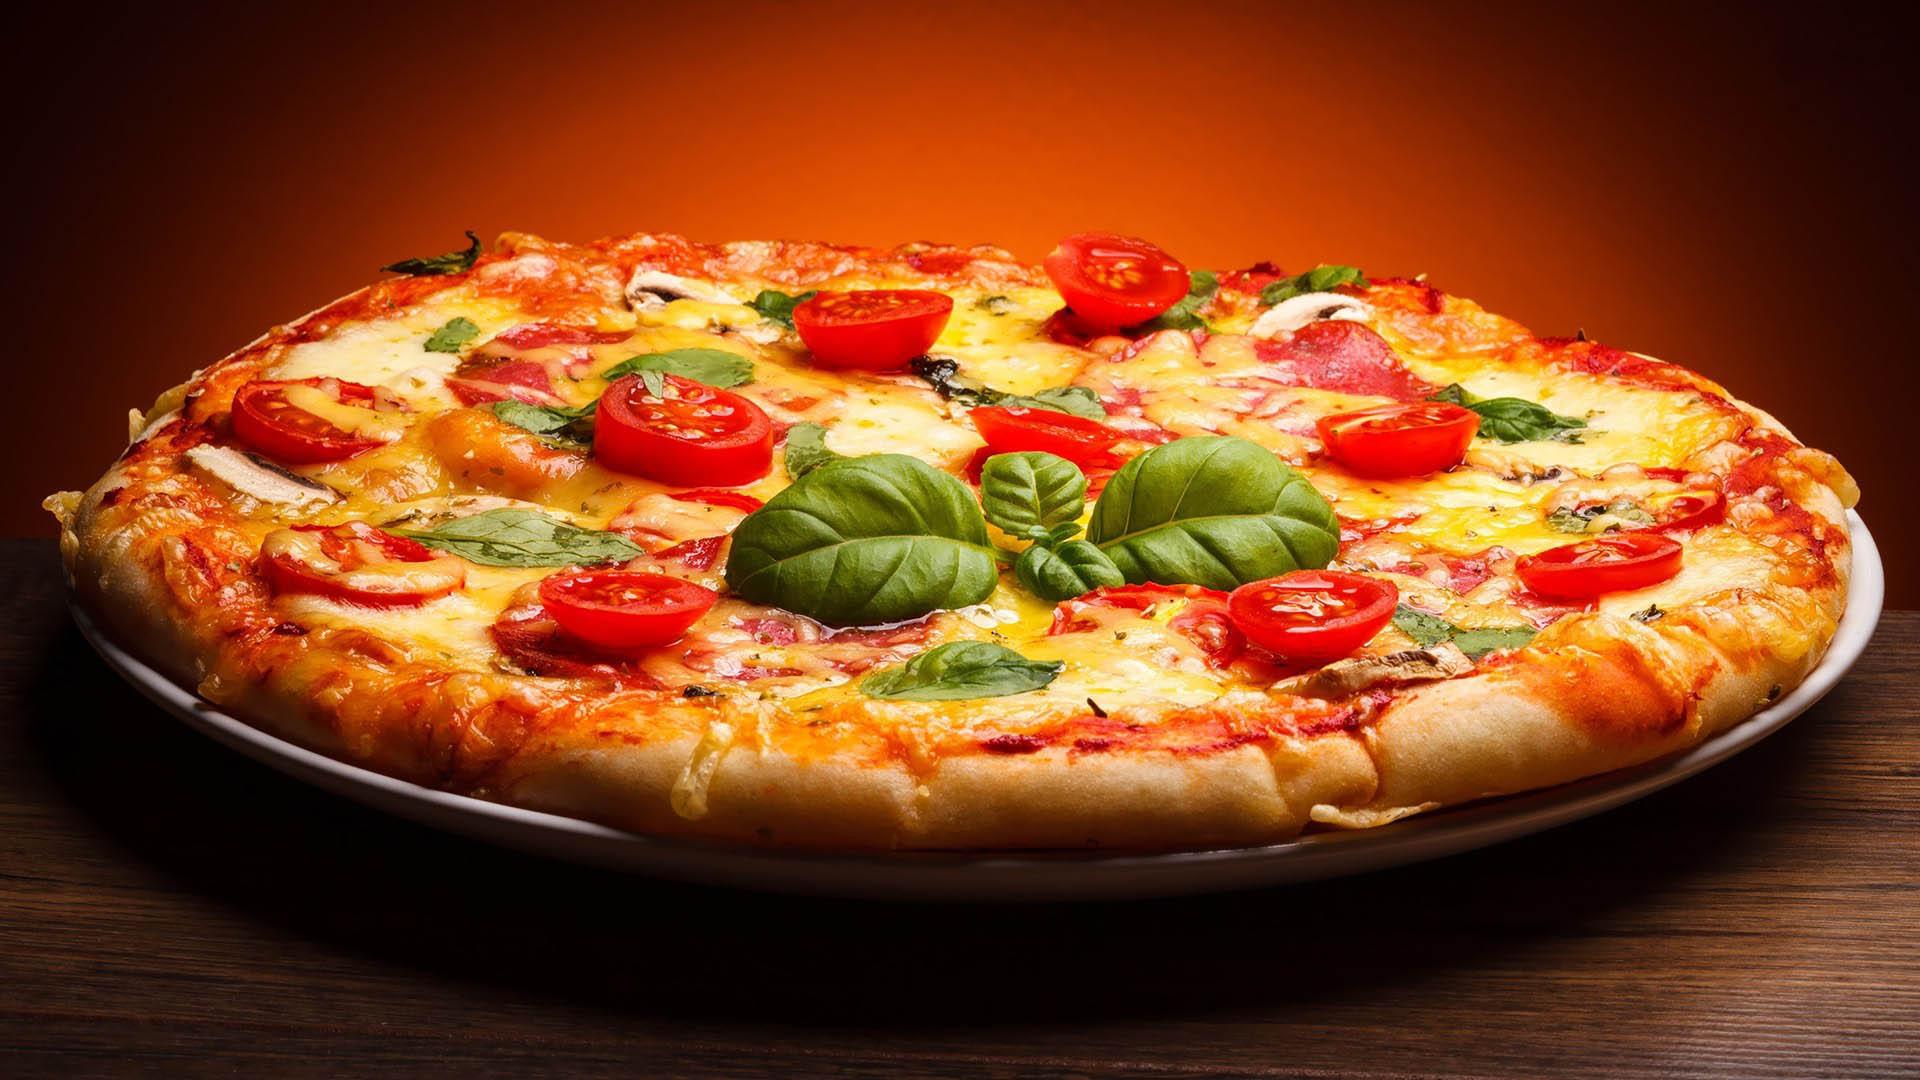 AG - Pizza / Pizza-Brötchen backen